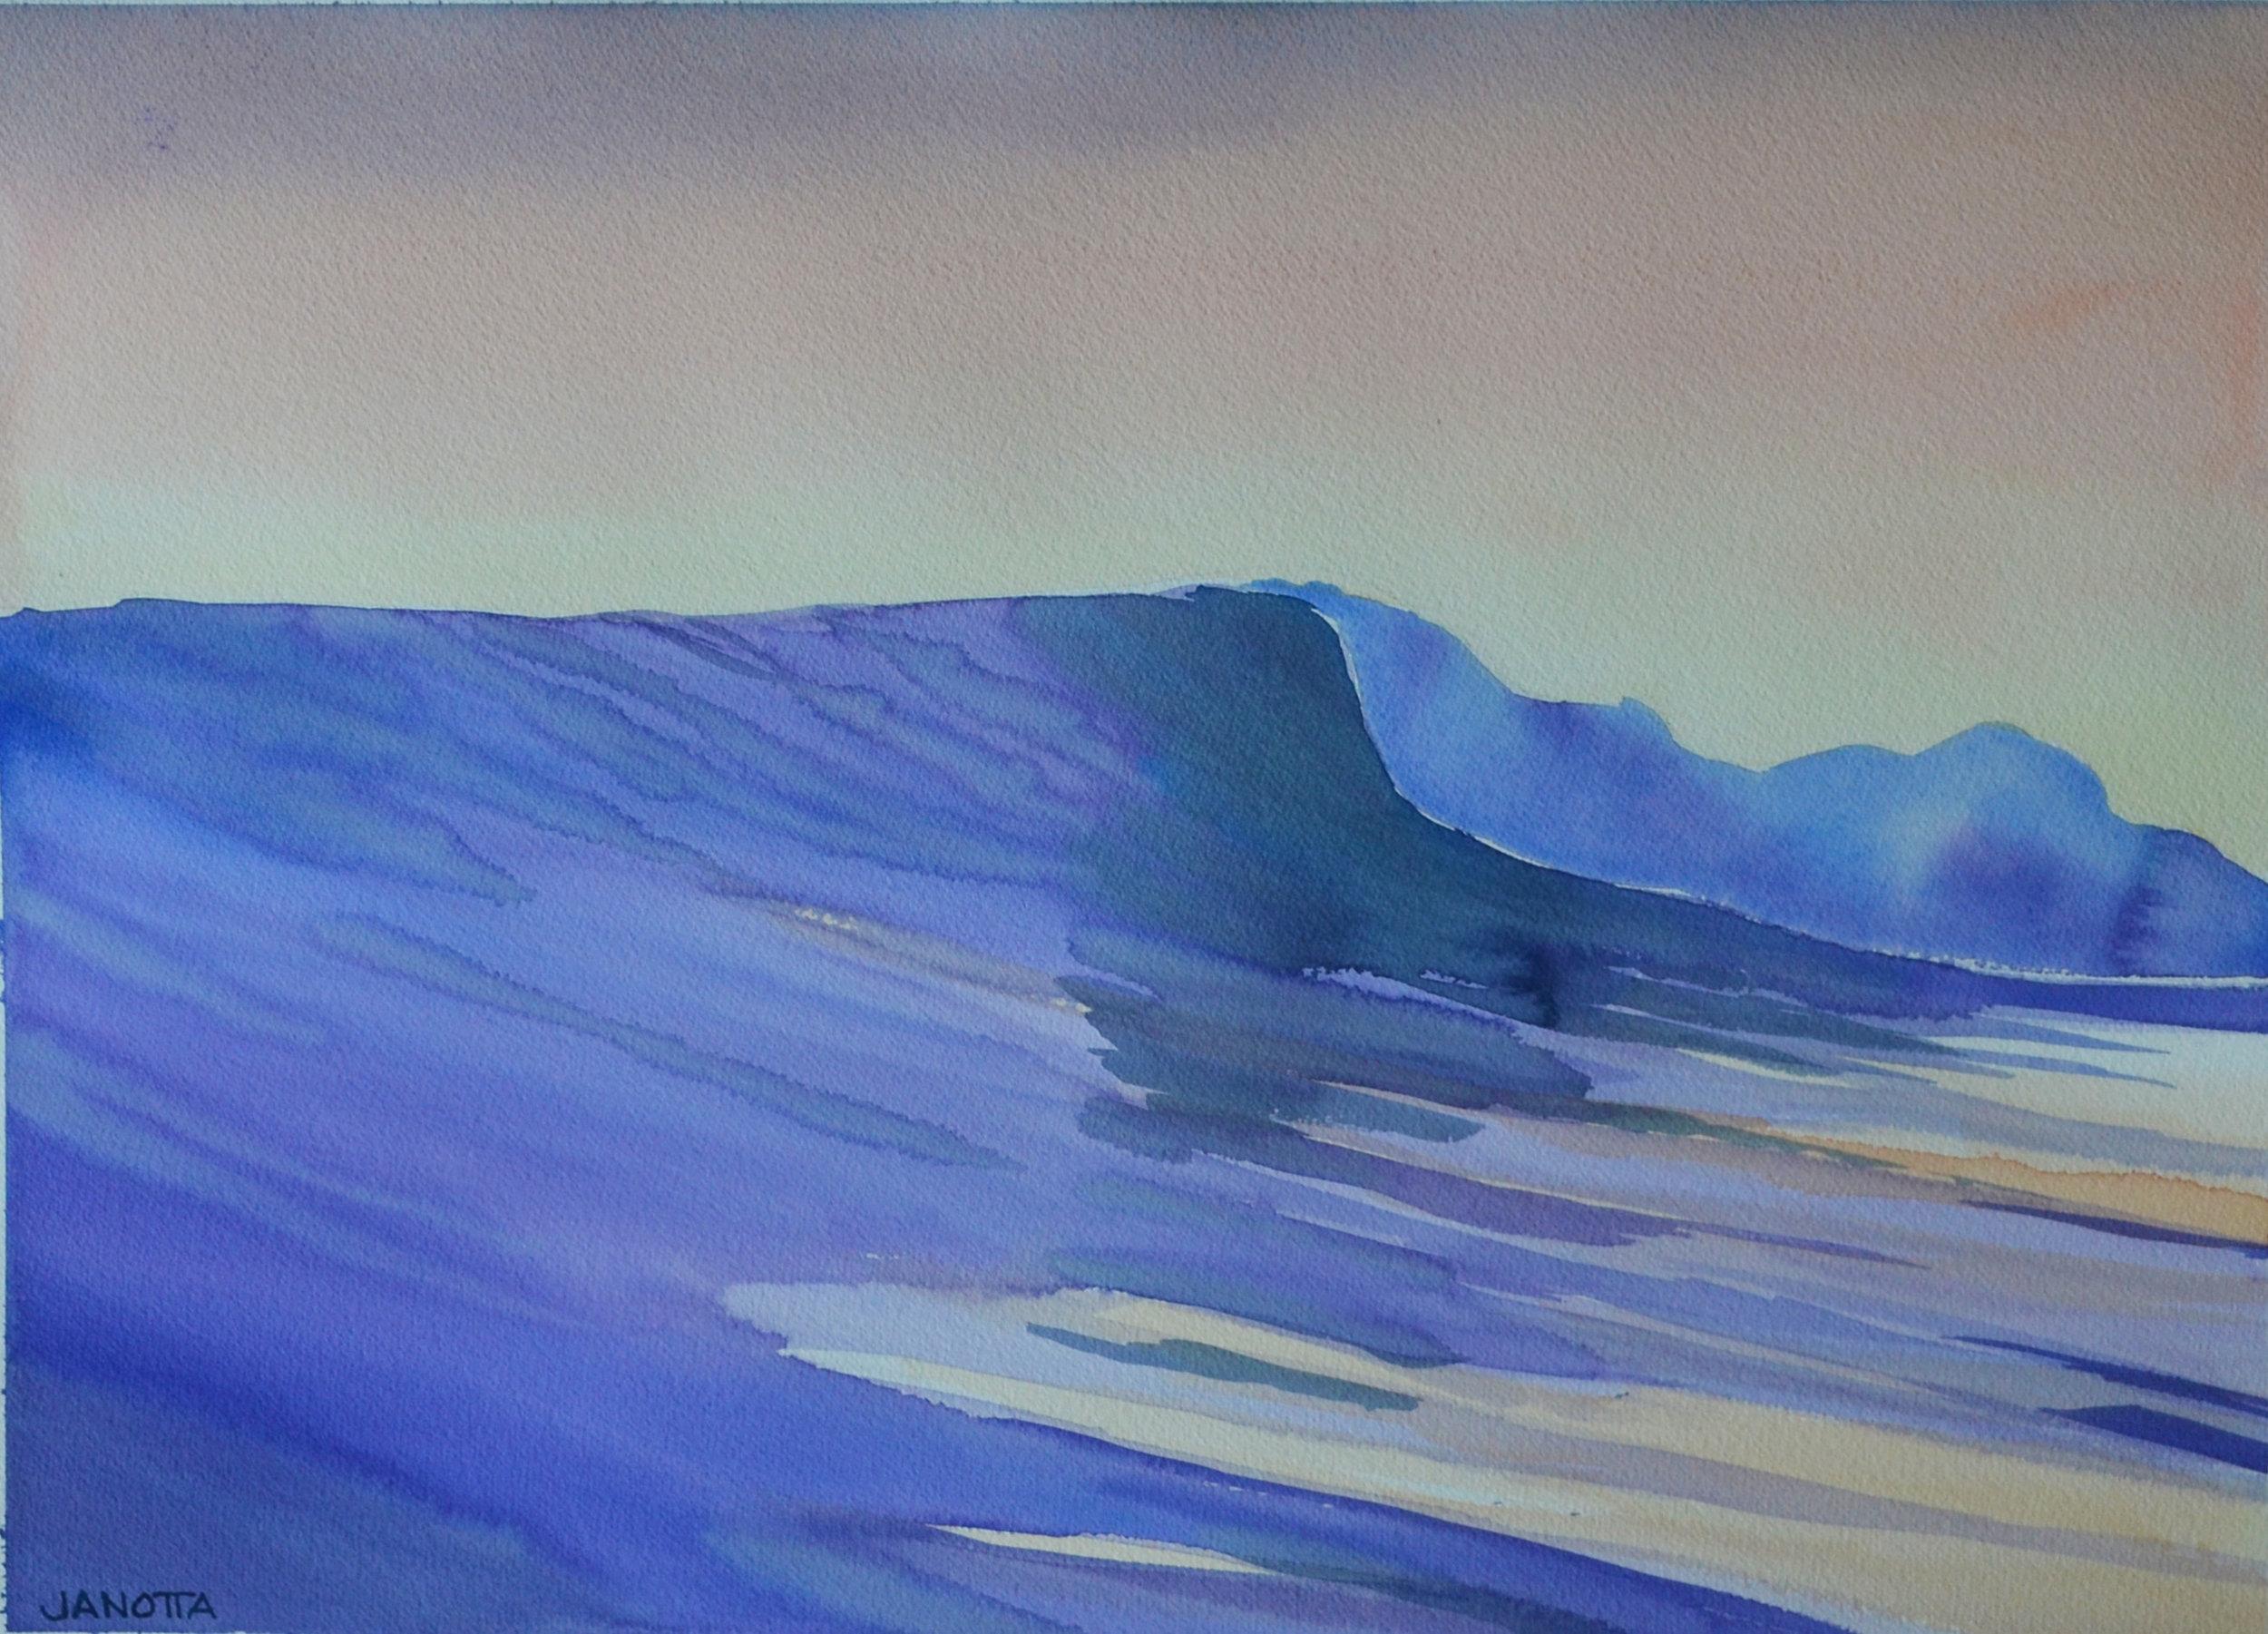 BIG WAVE 18x24 watercolor paper